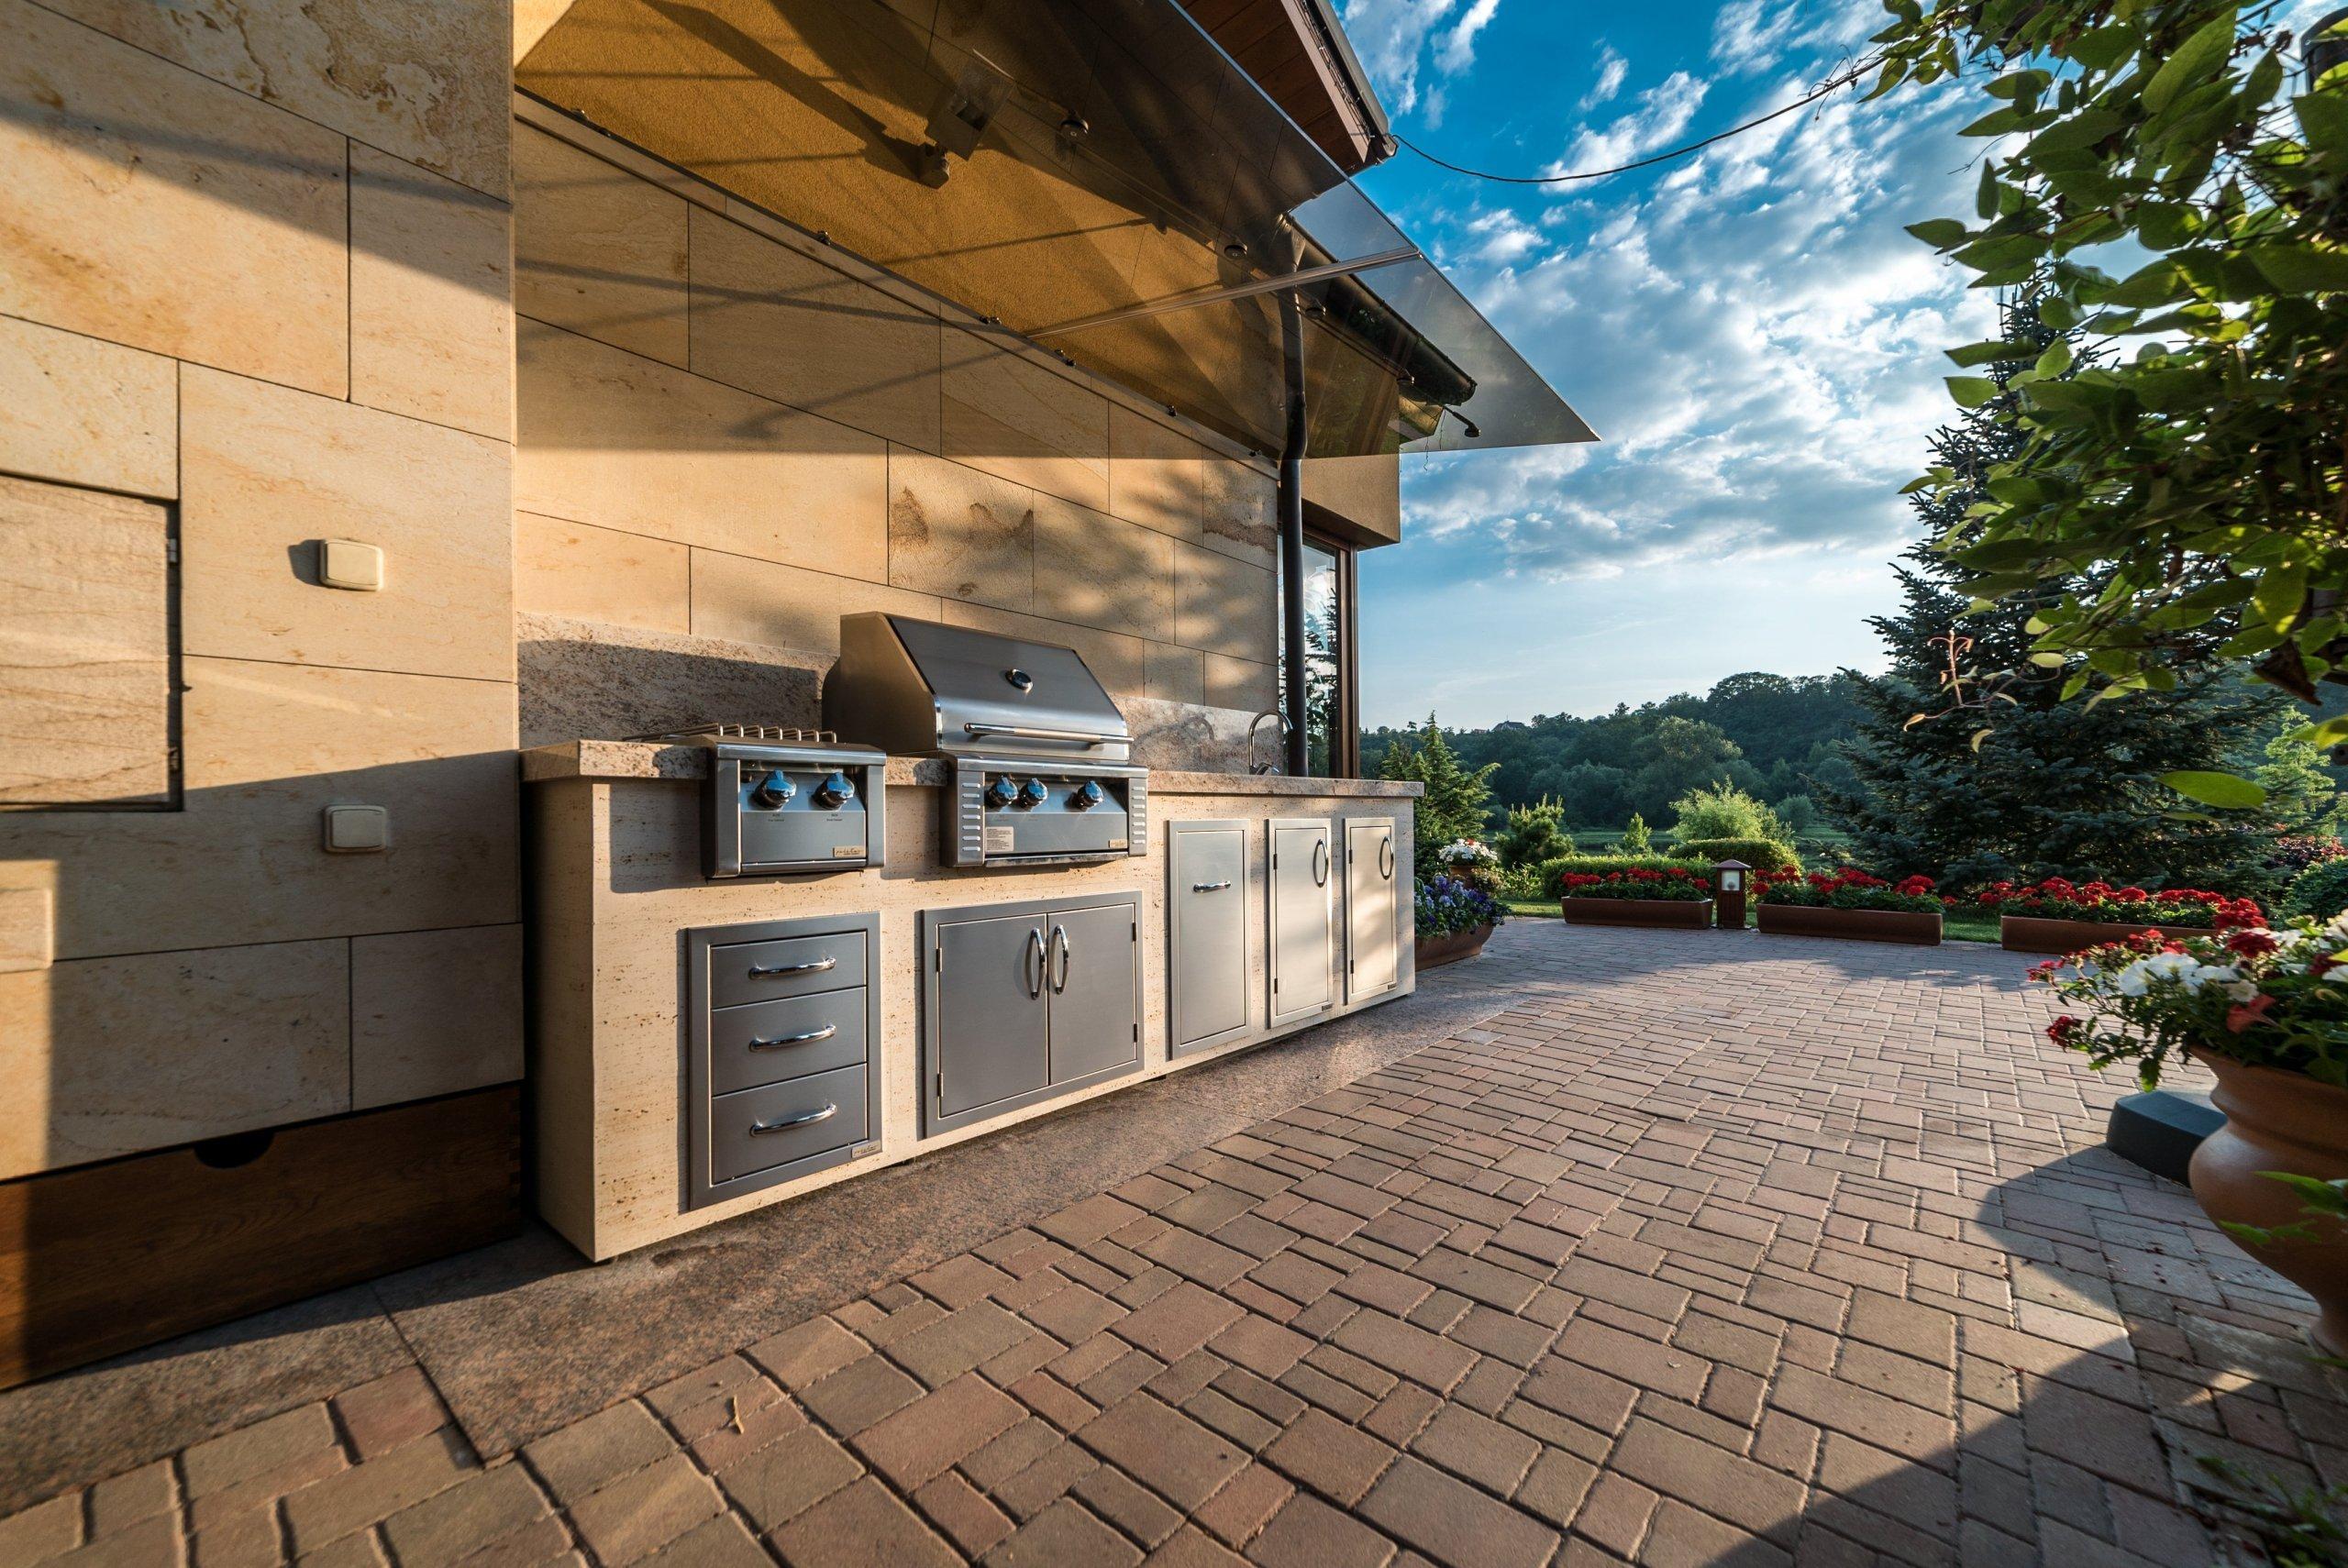 Kompaktní zahradní kuchyně s 26ti palcovým grilem, sporákem a nerezovým dřezem. Žulová deska v odstínu Shivakashi se zesílenou pohledovou hranou, společně s…